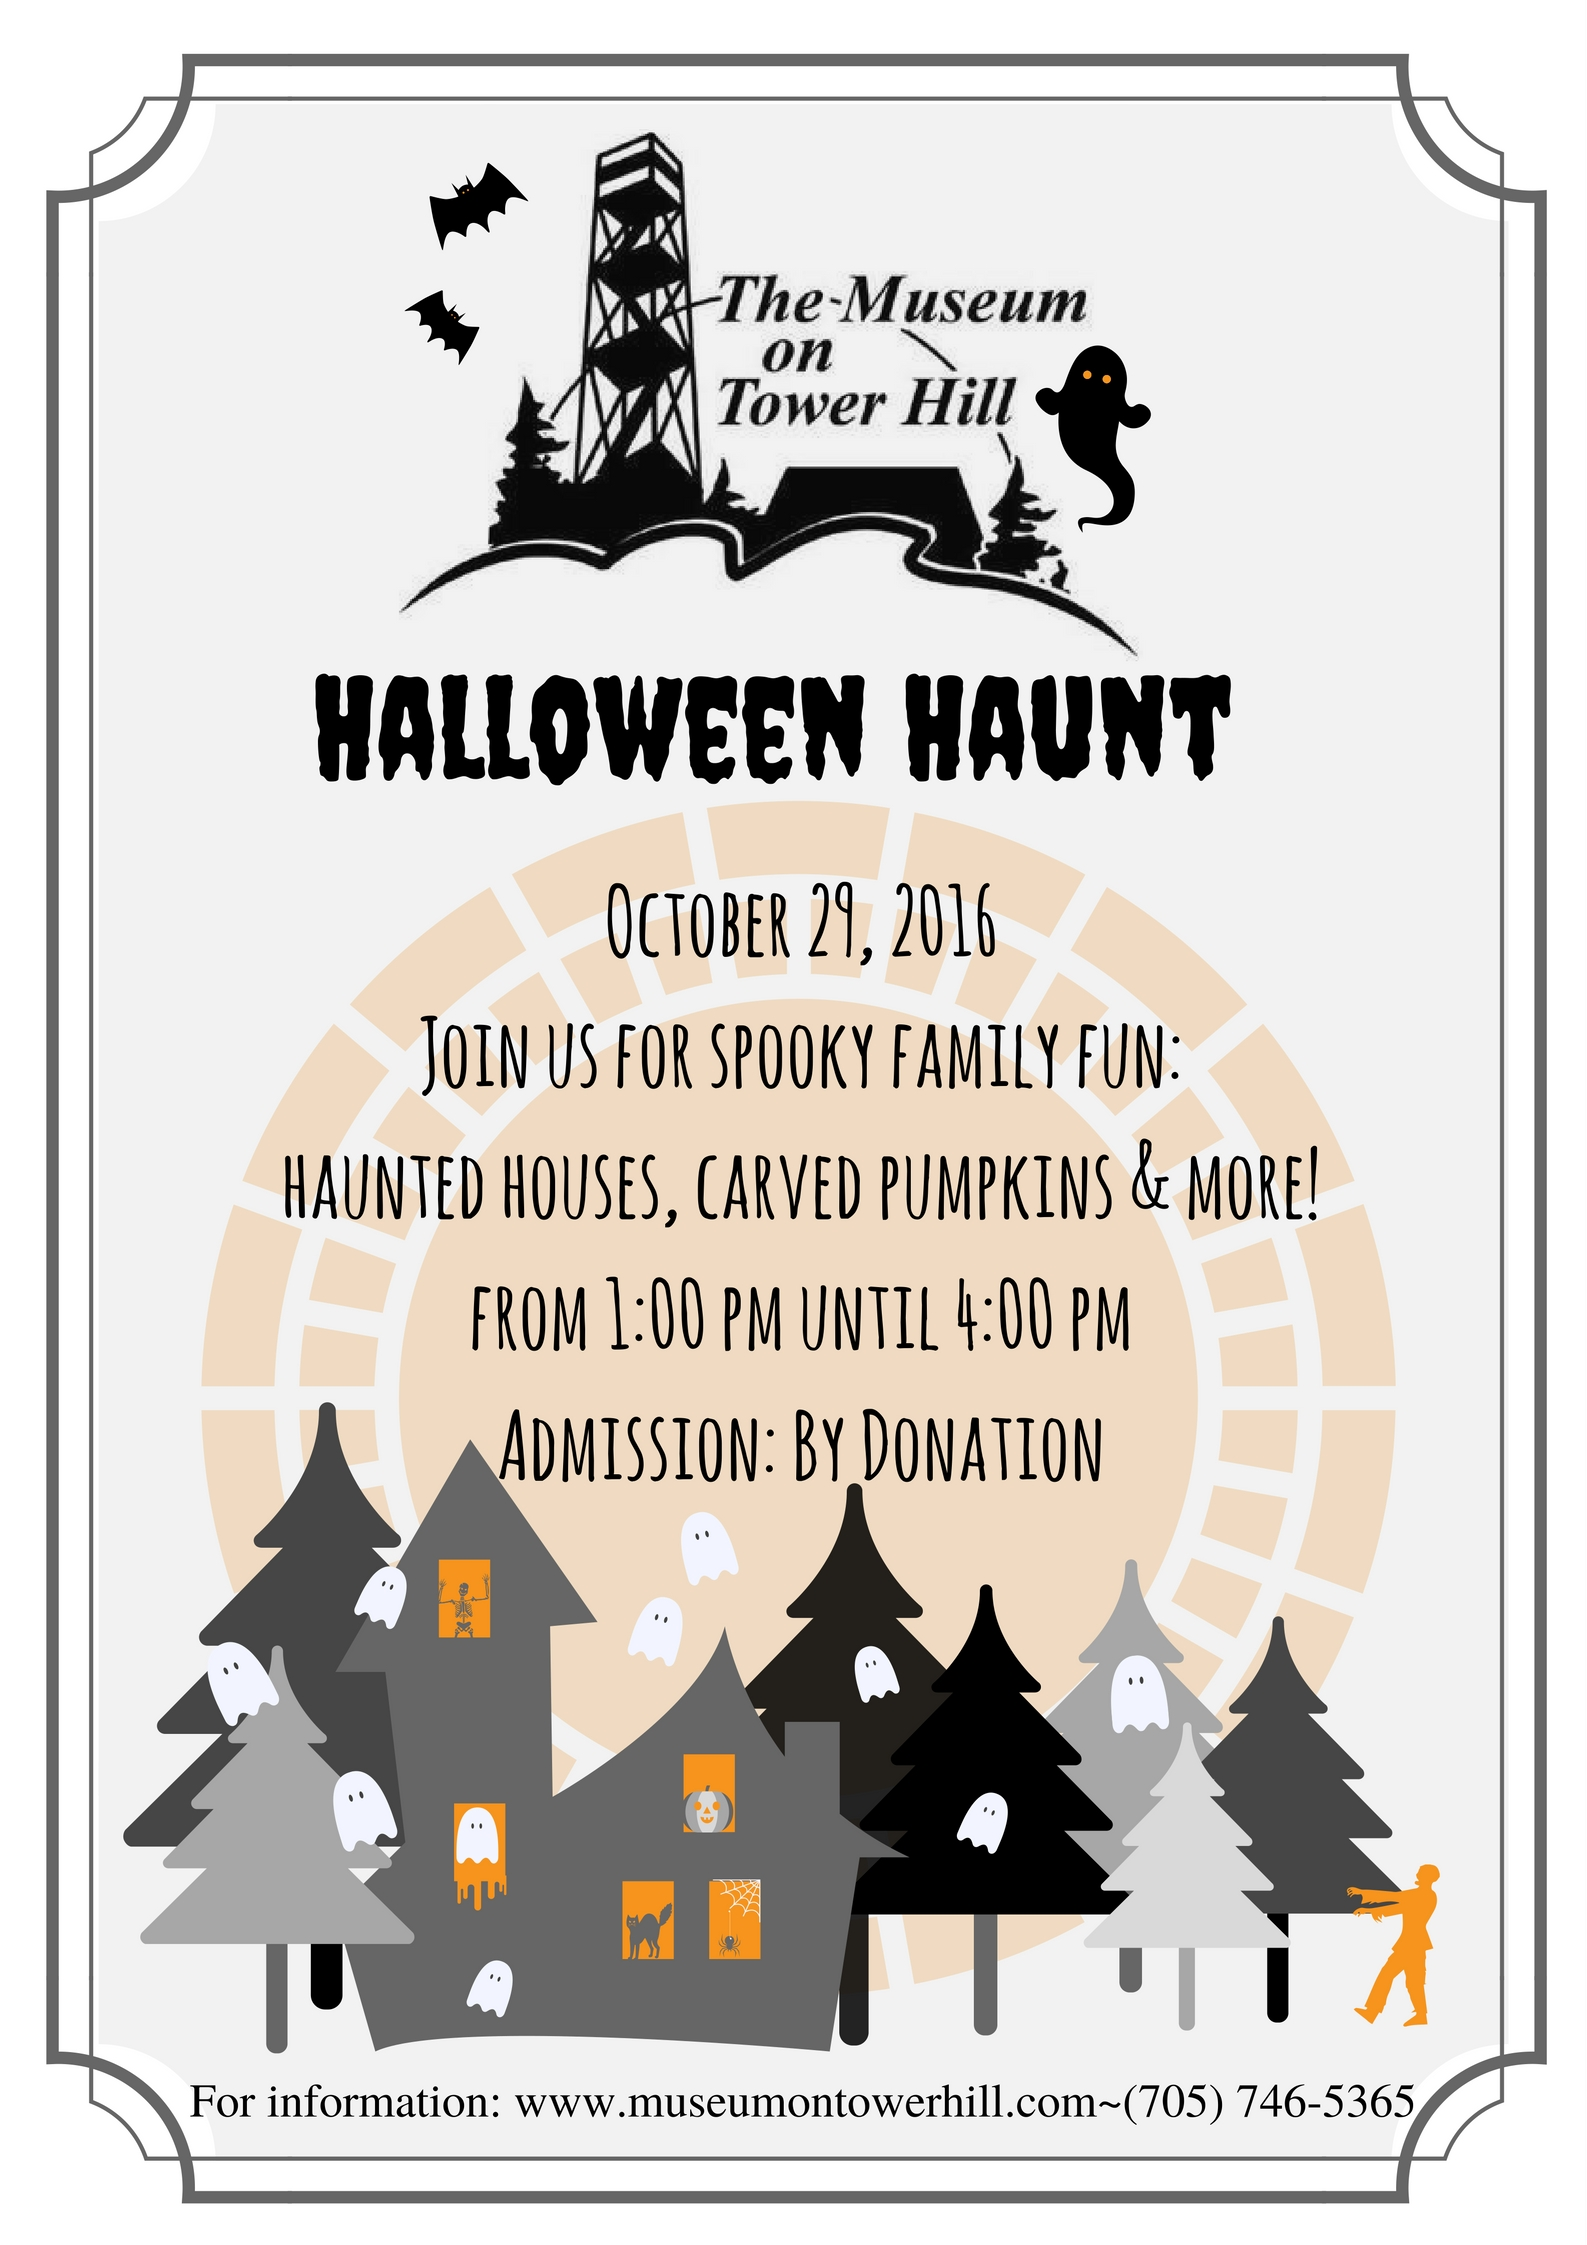 Halloween Haunt Poster.jpeg.jpg